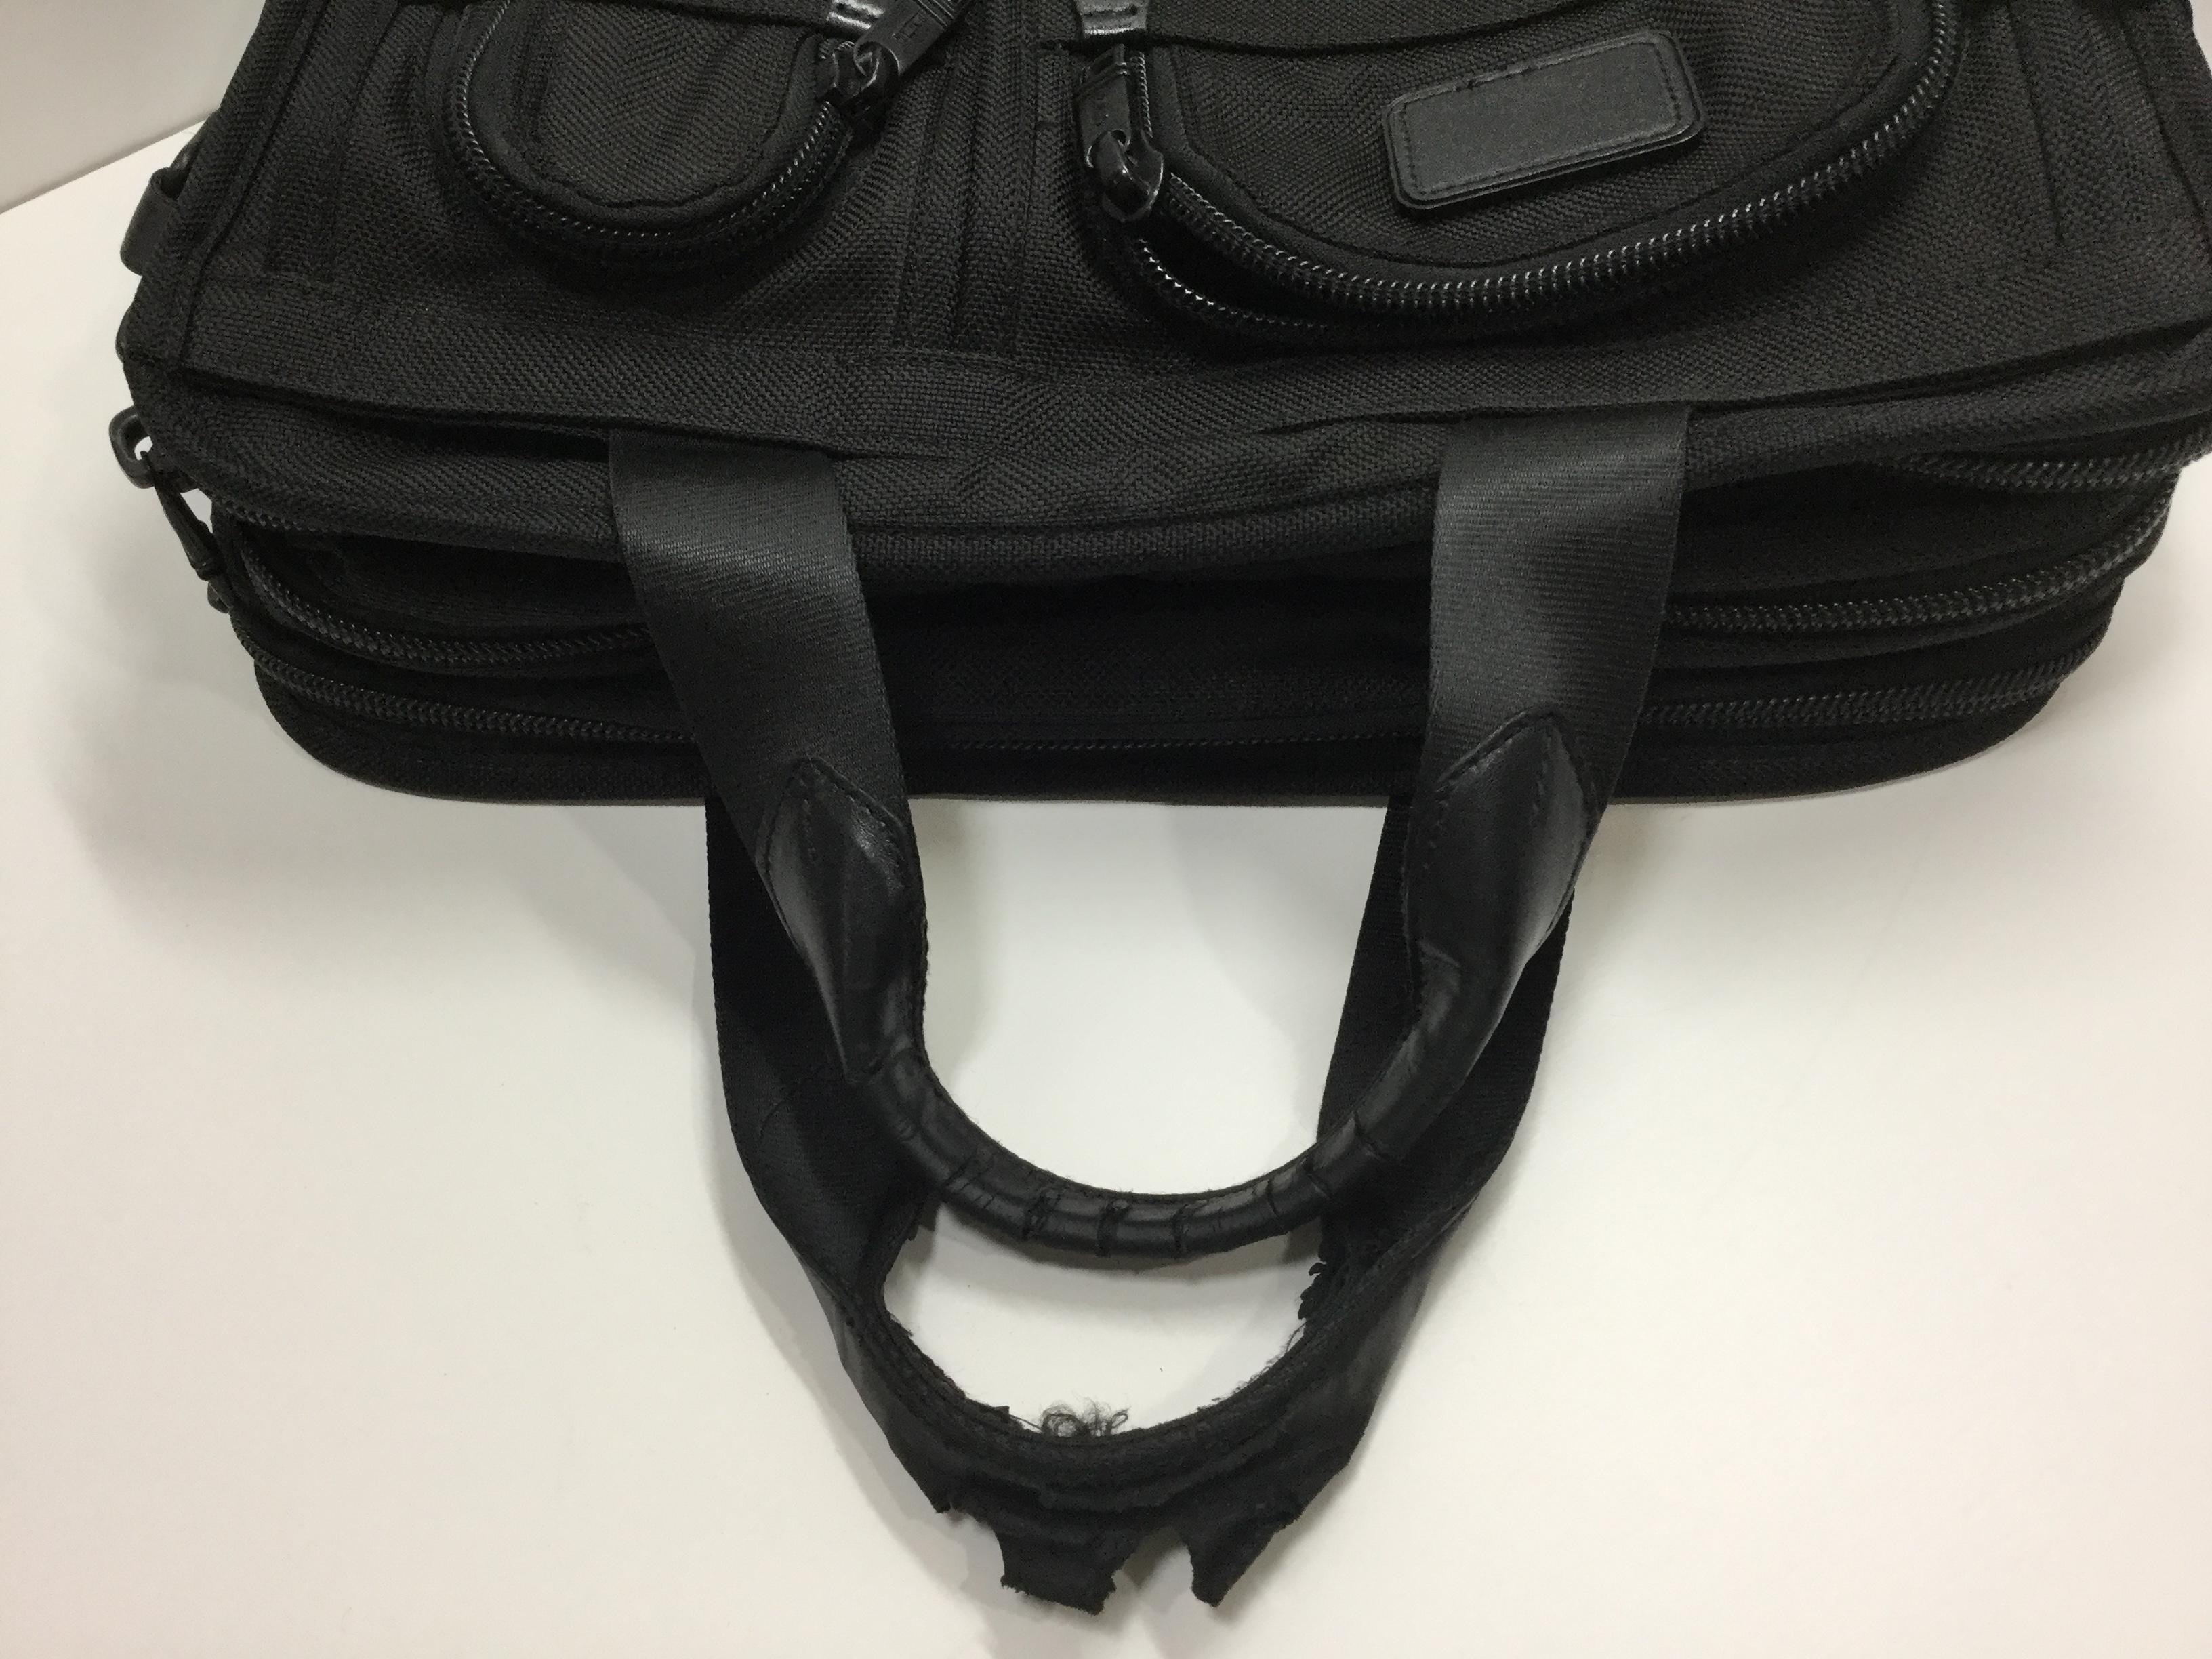 TUMI(トゥミ)のブリーフケースの持ち手革交換が完了しました(愛知県名古屋市T様)before02